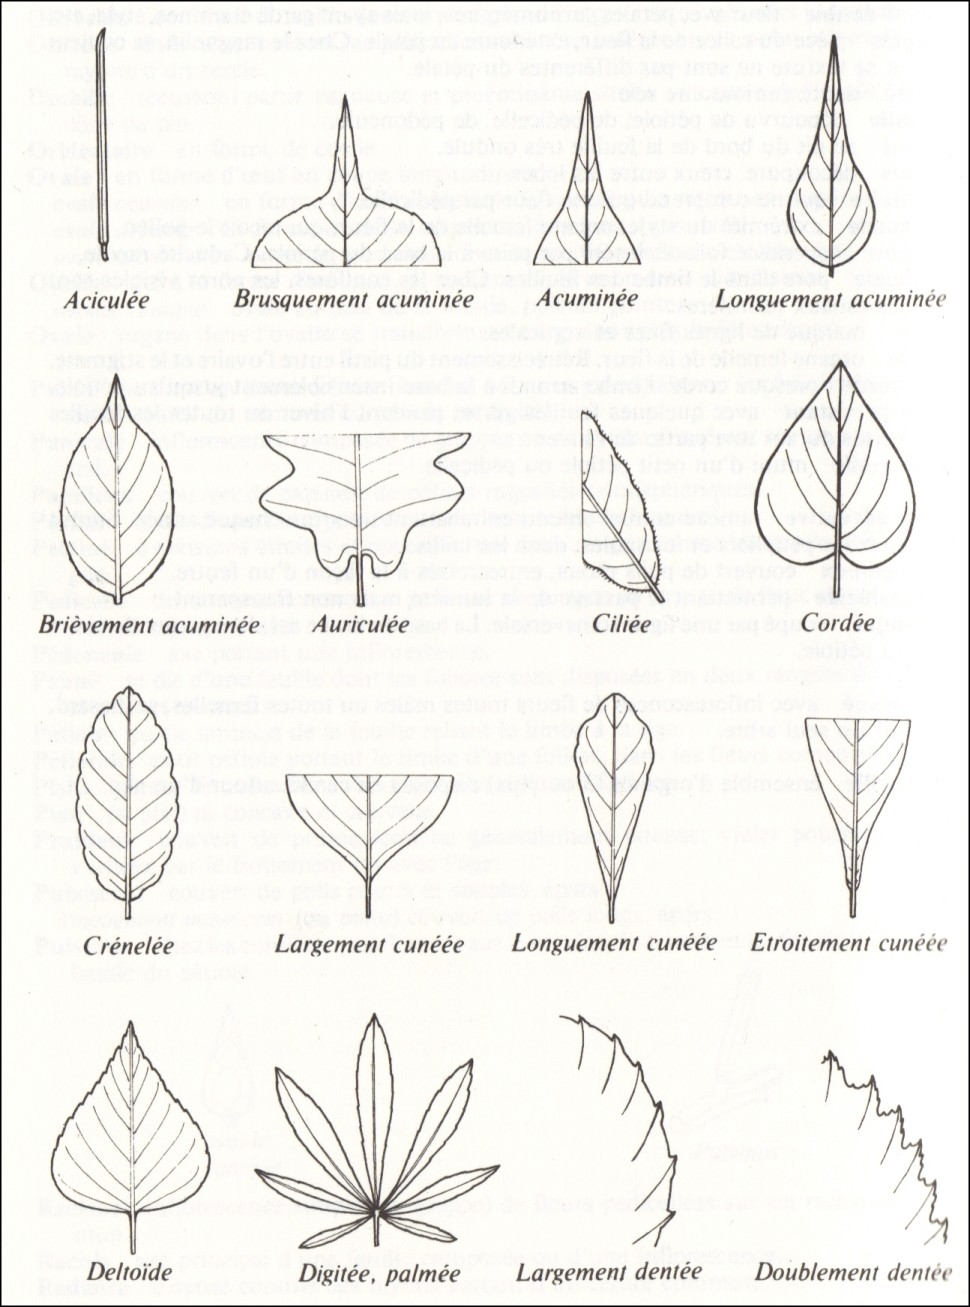 La plupart des feuilles ont en général leurs caractéristiques moins